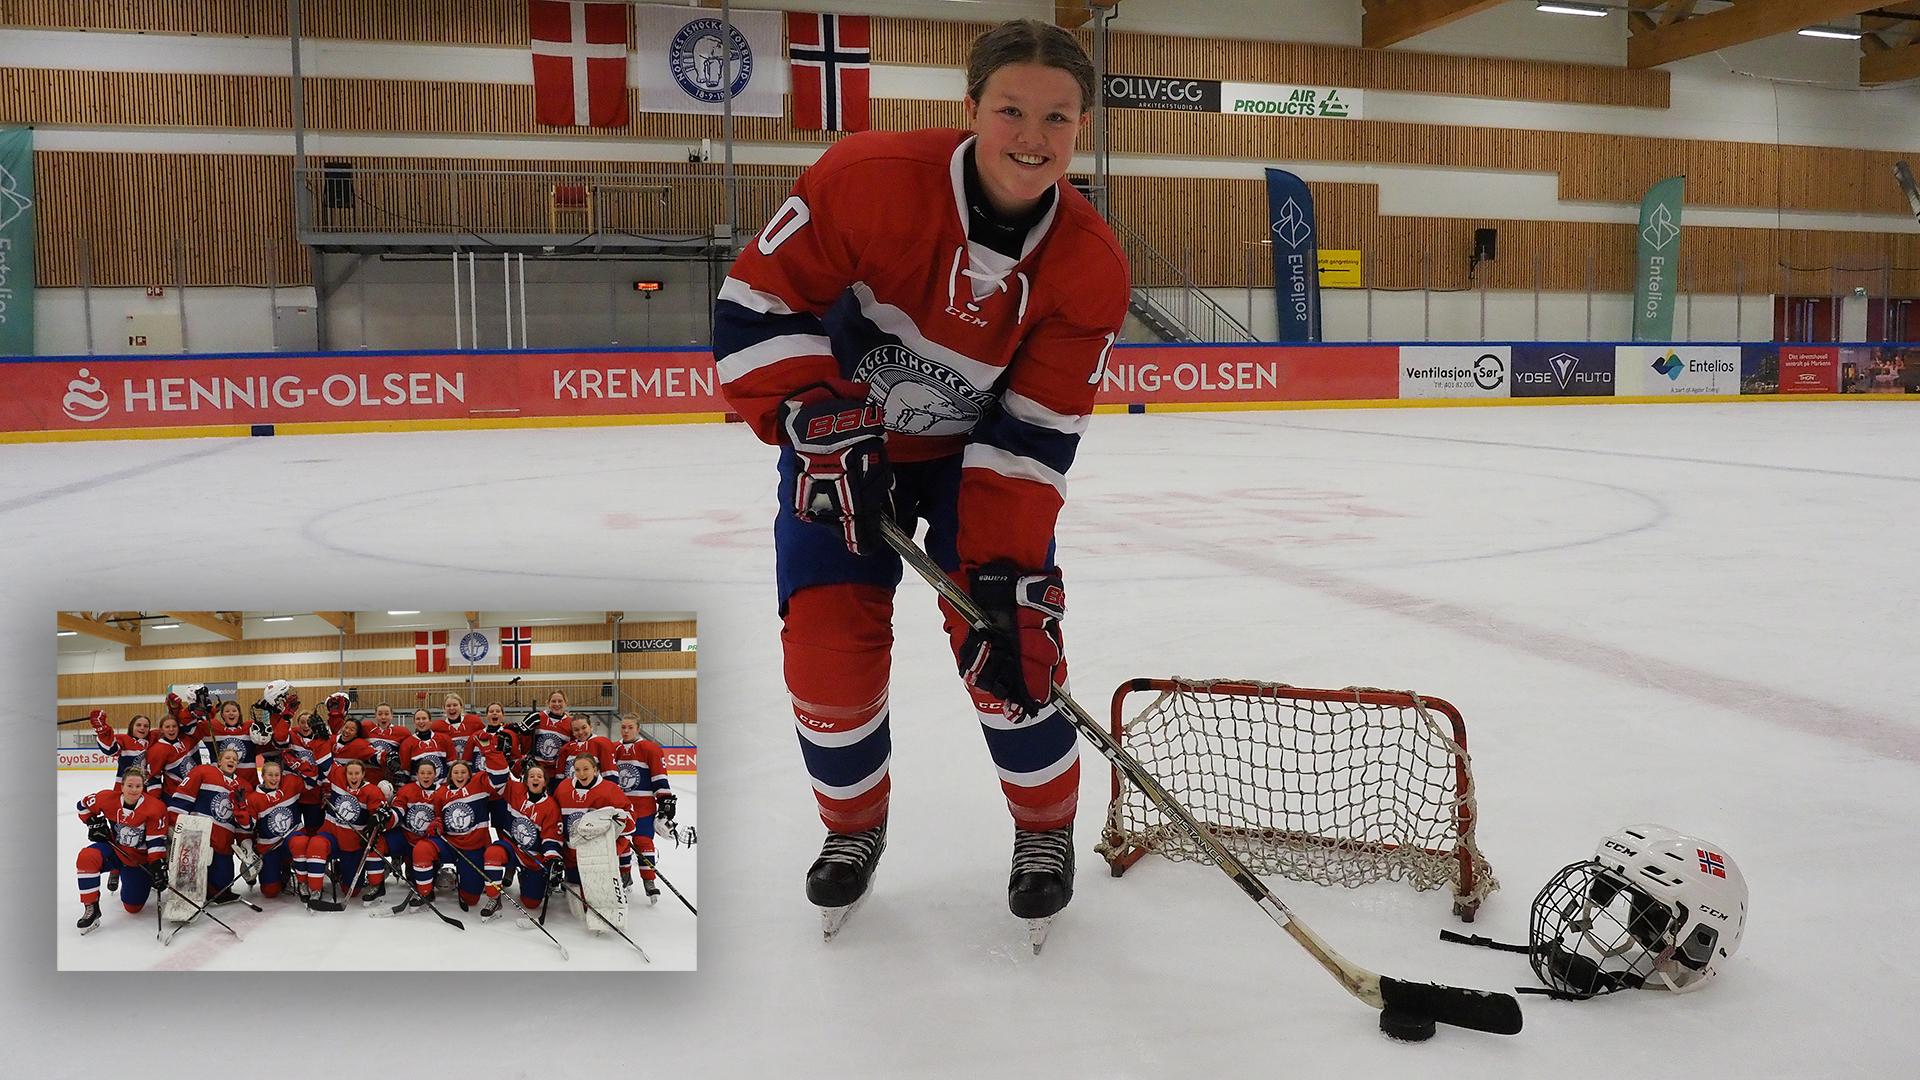 Fra Hockeyskole Til Landslag